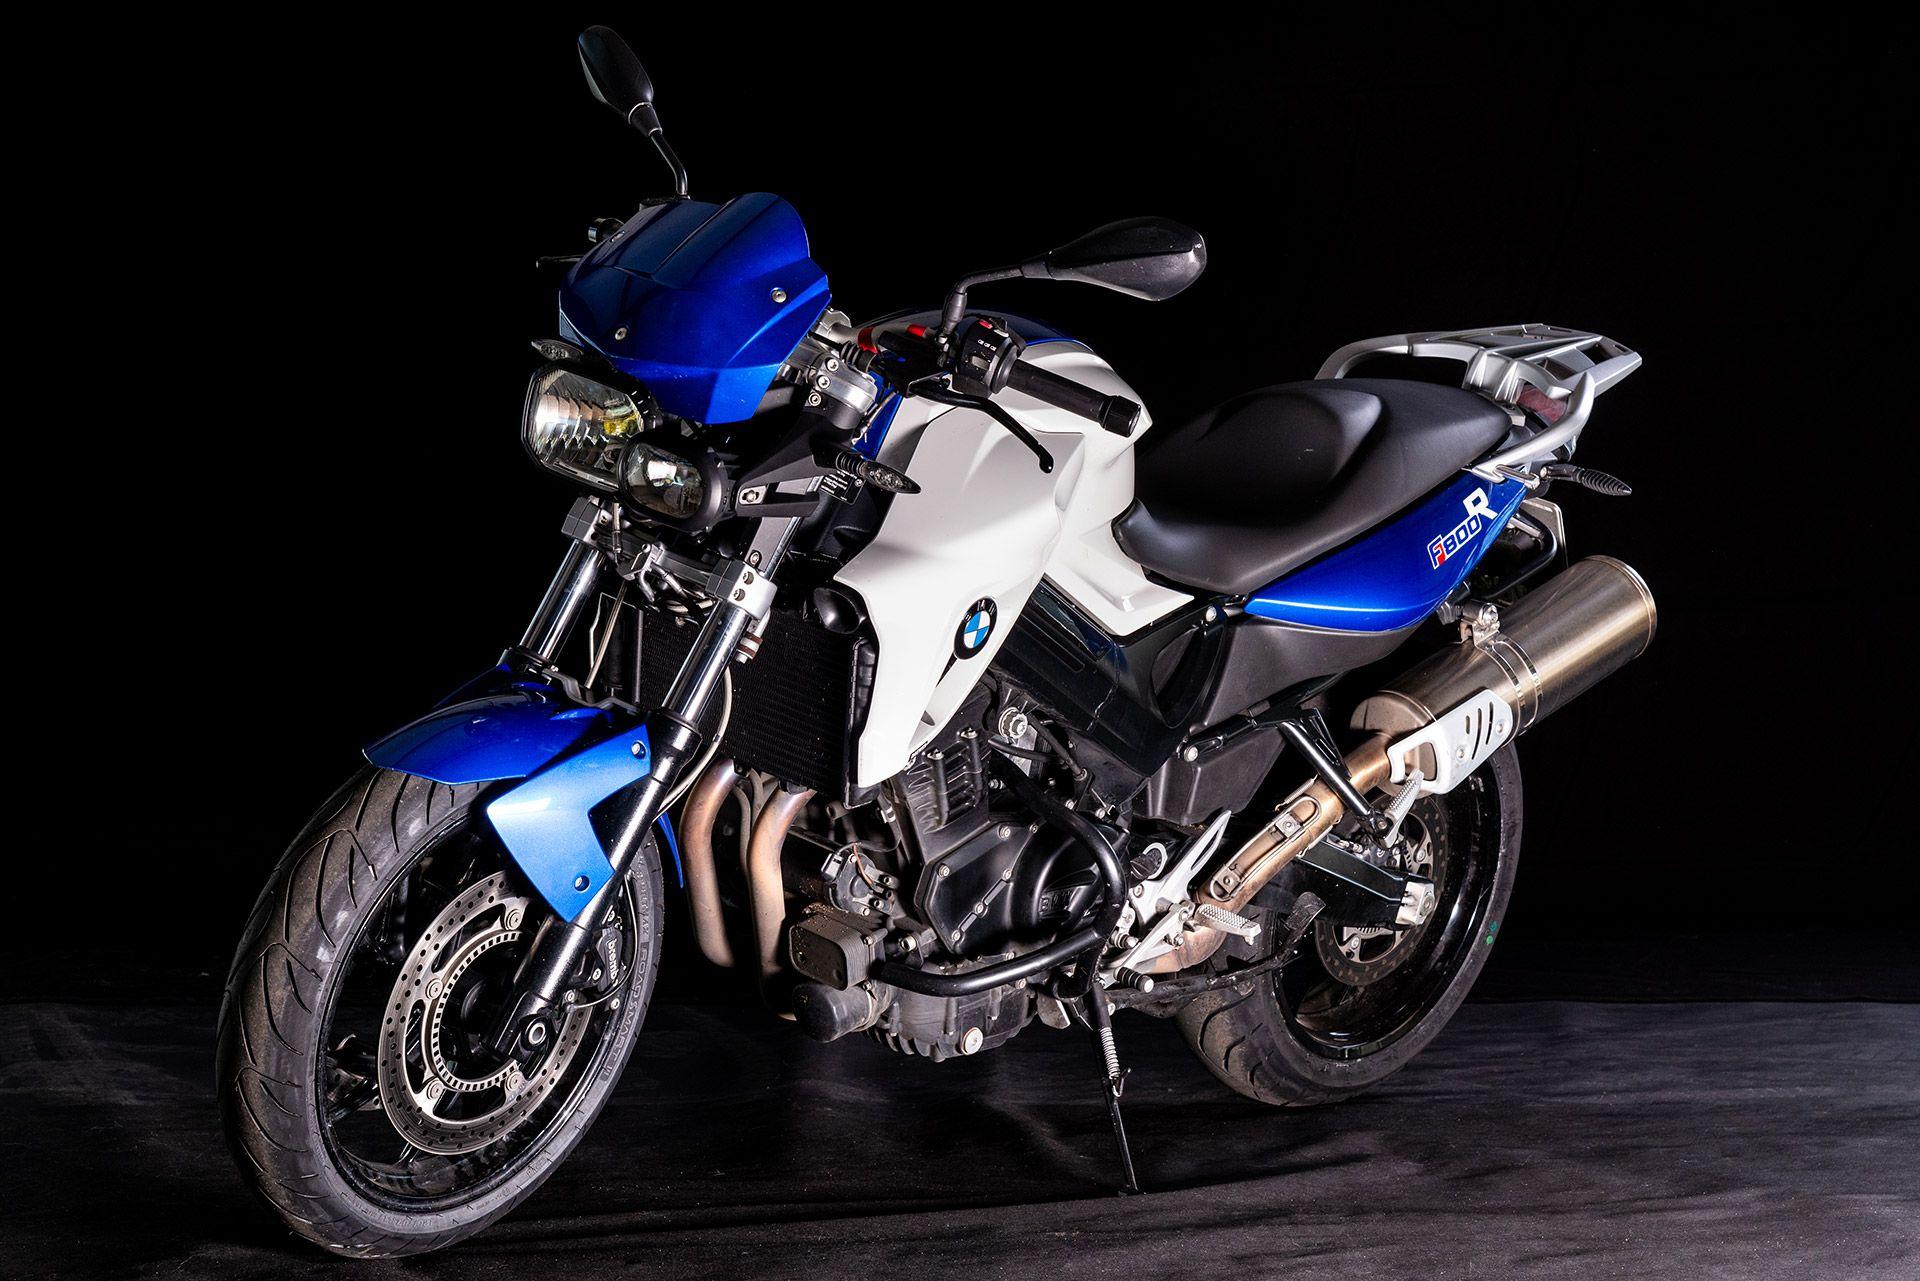 Fahrschule Berlin allroad Motorrad BMW F800R Perspektive